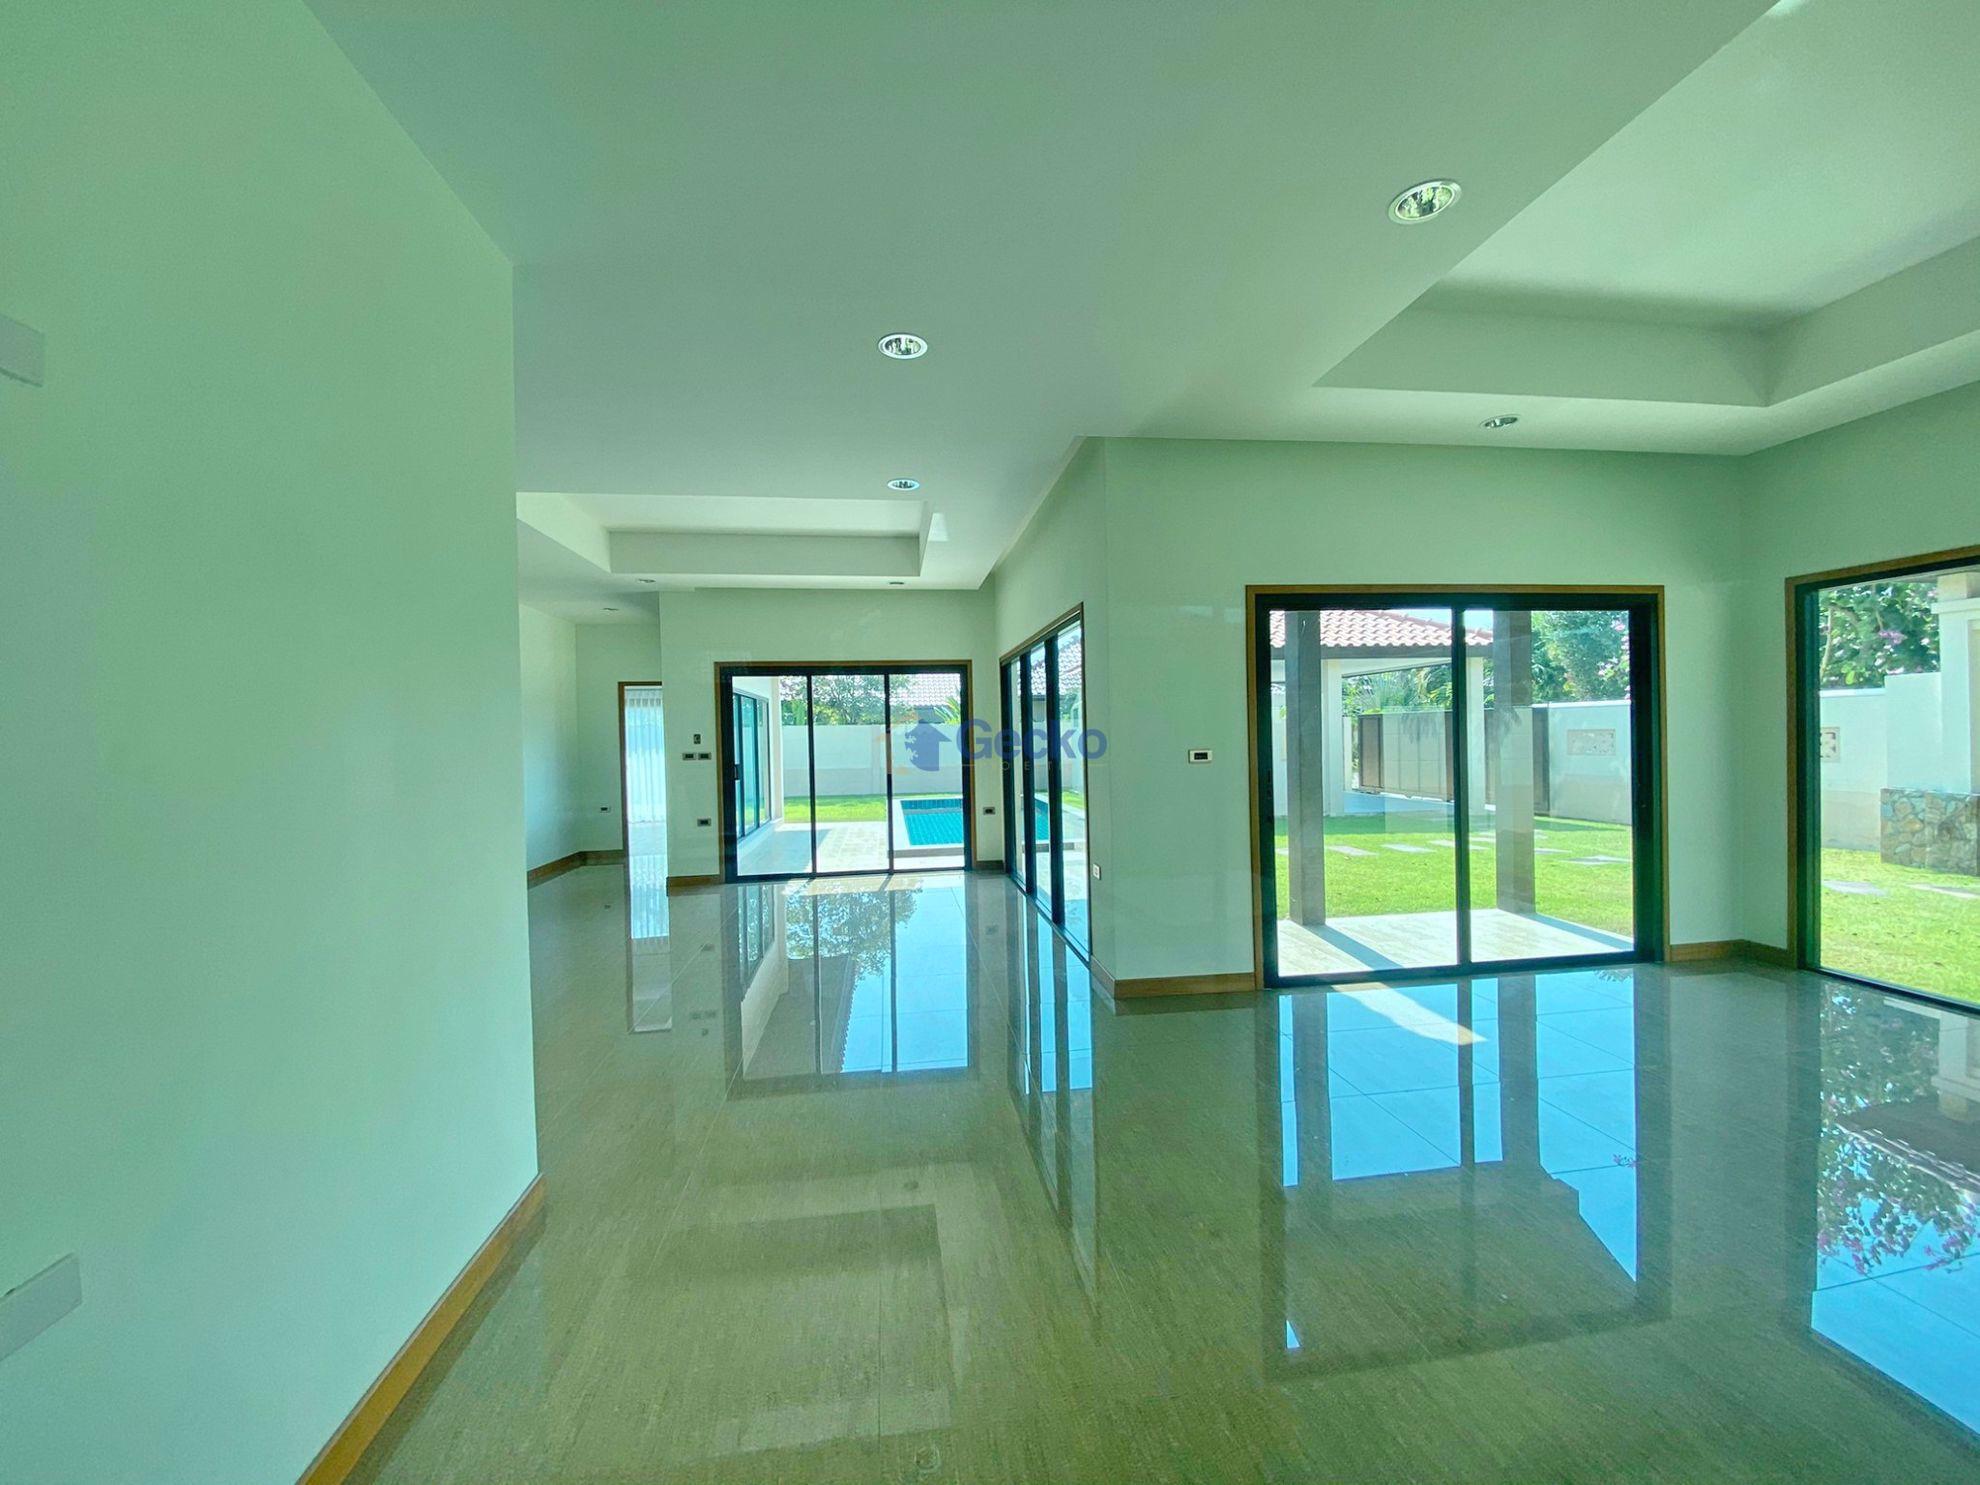 图片 3 Bedrooms bed in House in Baan Balina 3 in Huay Yai H009241